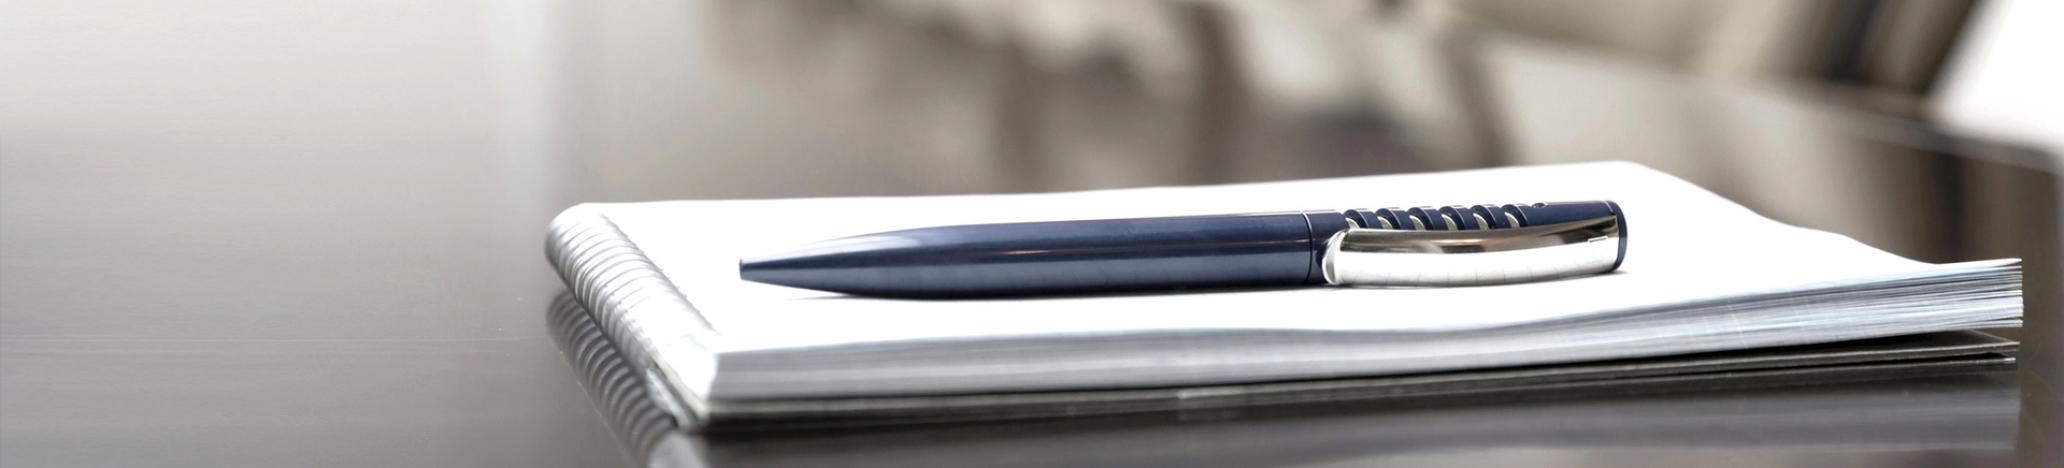 LIGHTREEL Productions - Medienproduktion und Fotografie Augsburg, Film, Video, Imagefilm, Werbevideo, Webvideo, Hochzeitsvideo, Hochzeitsfilm, Referenzen, Erklärvideo, Videograf, Schnitt, Kameramann, Dreh, Eventvideo, Messefilm, Produktvideo